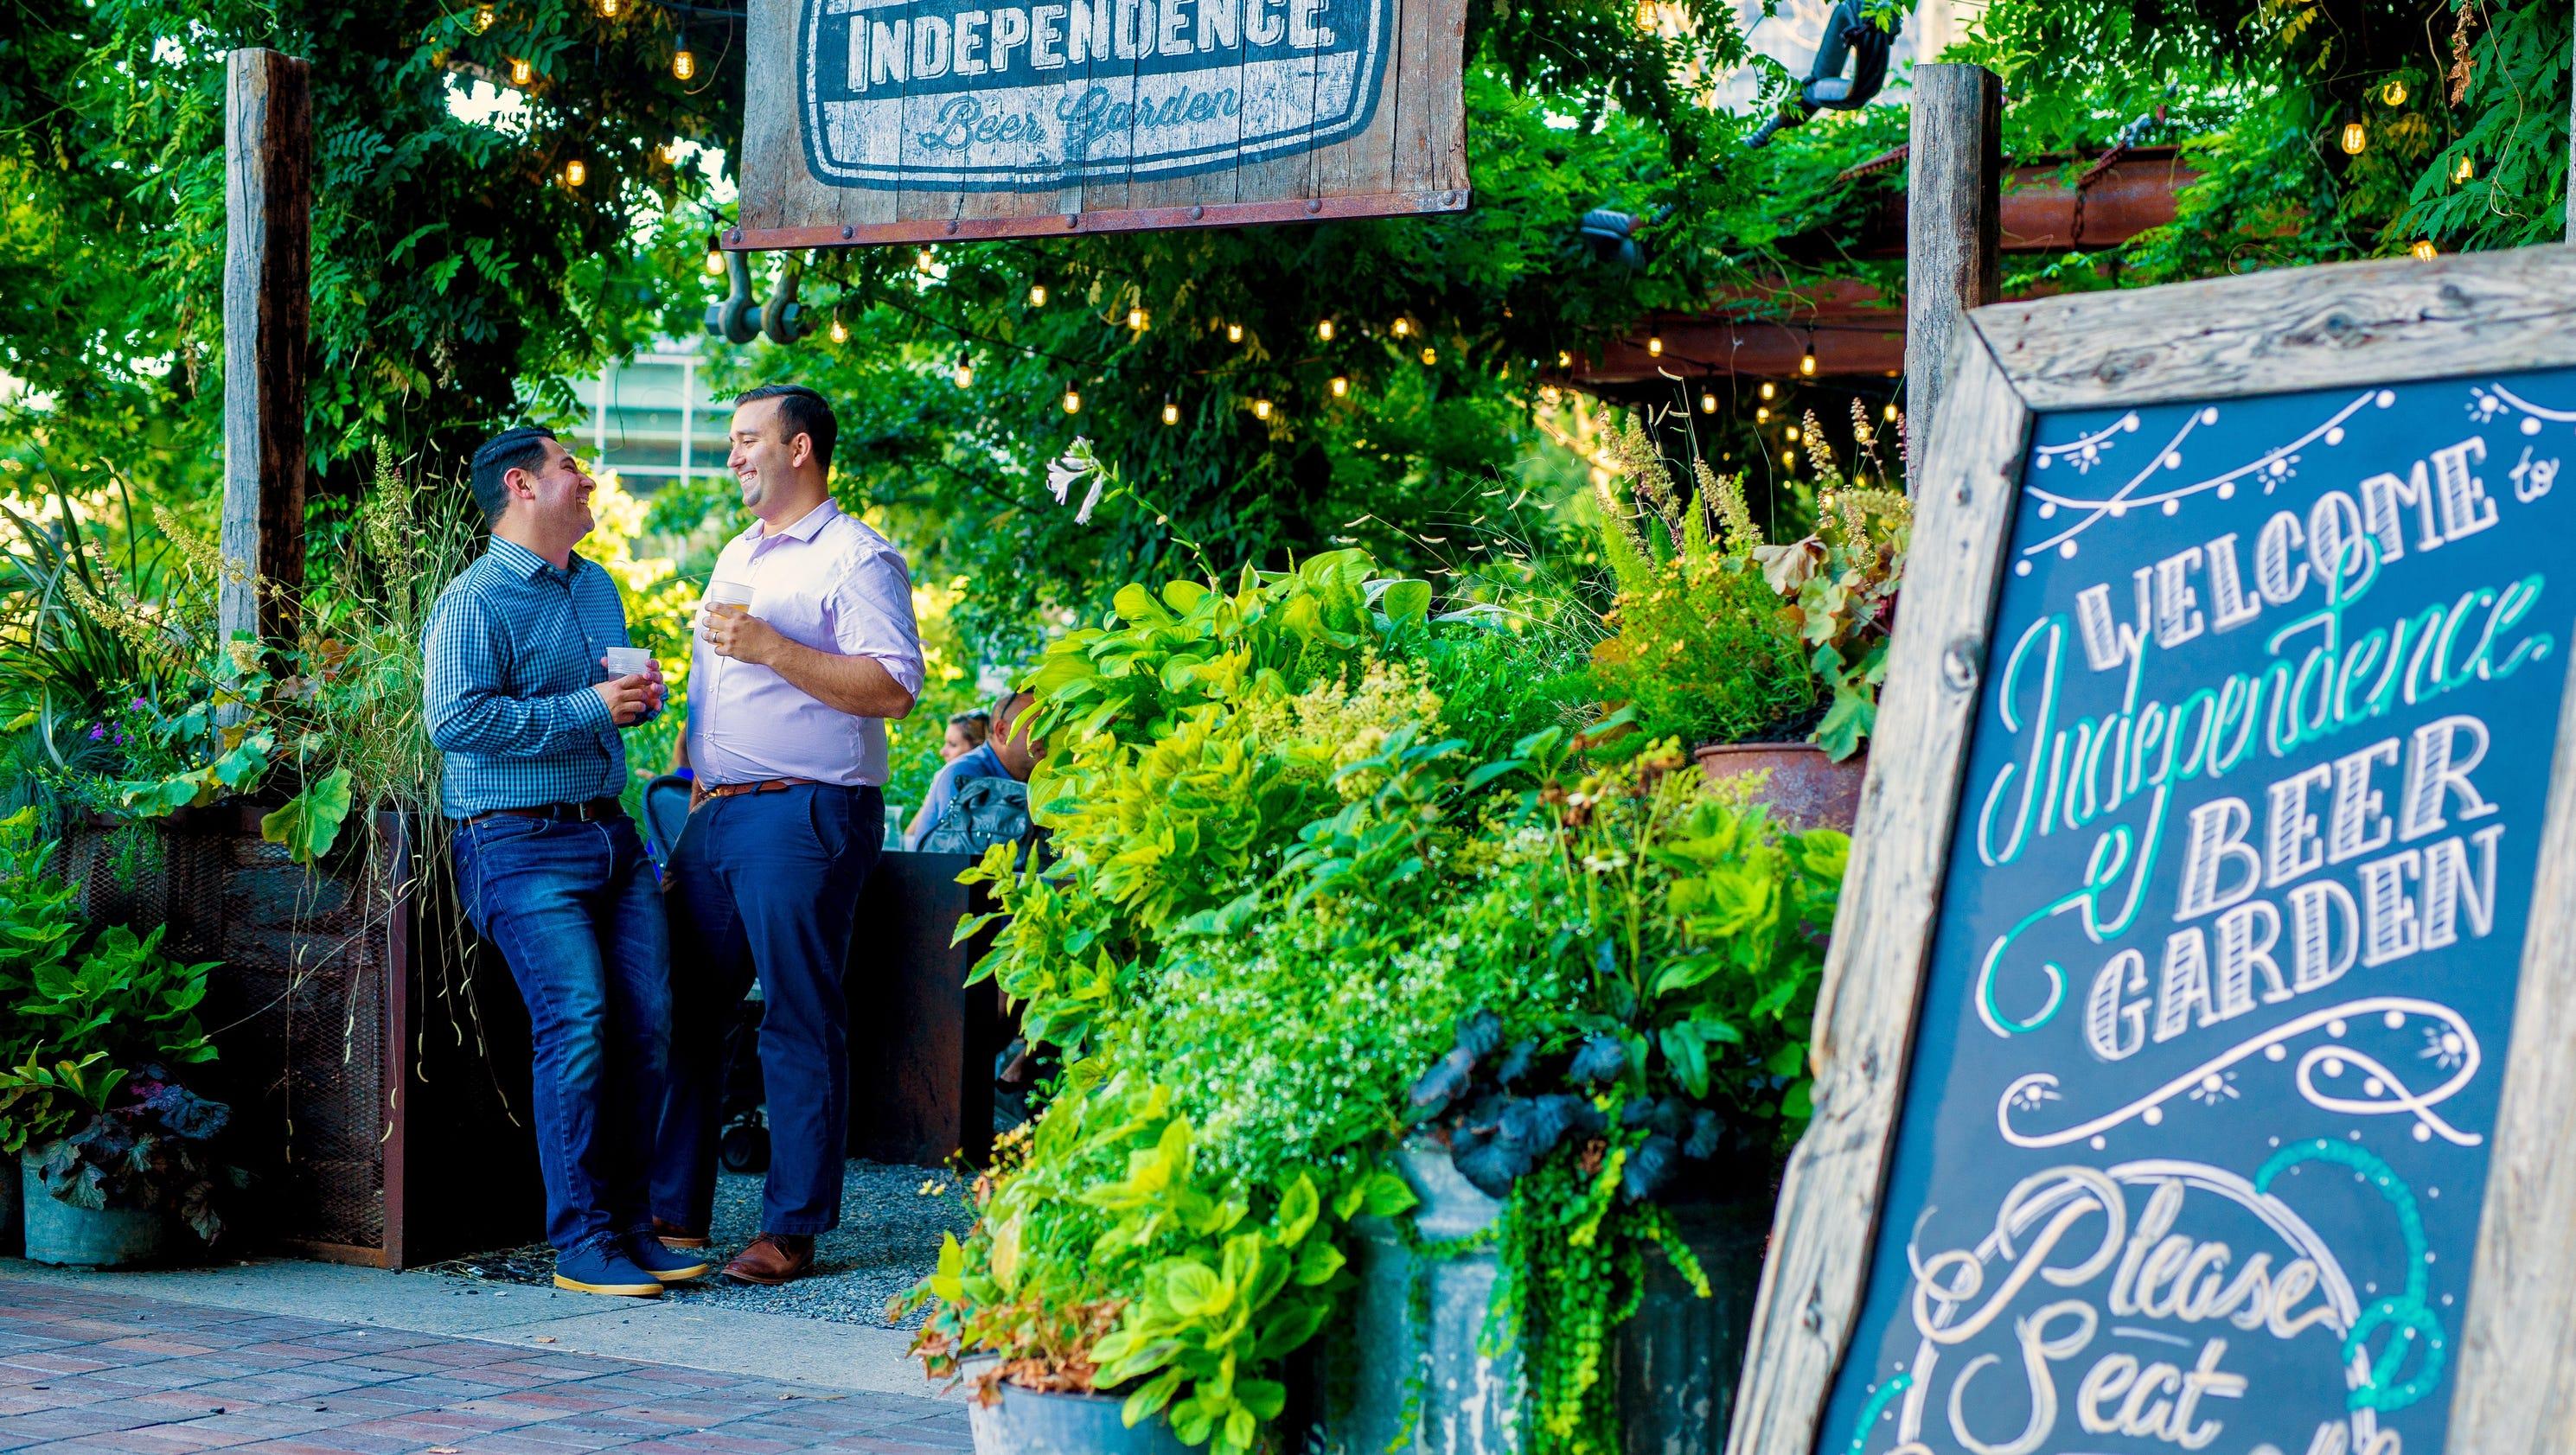 Image Result For Independence Beer Garden